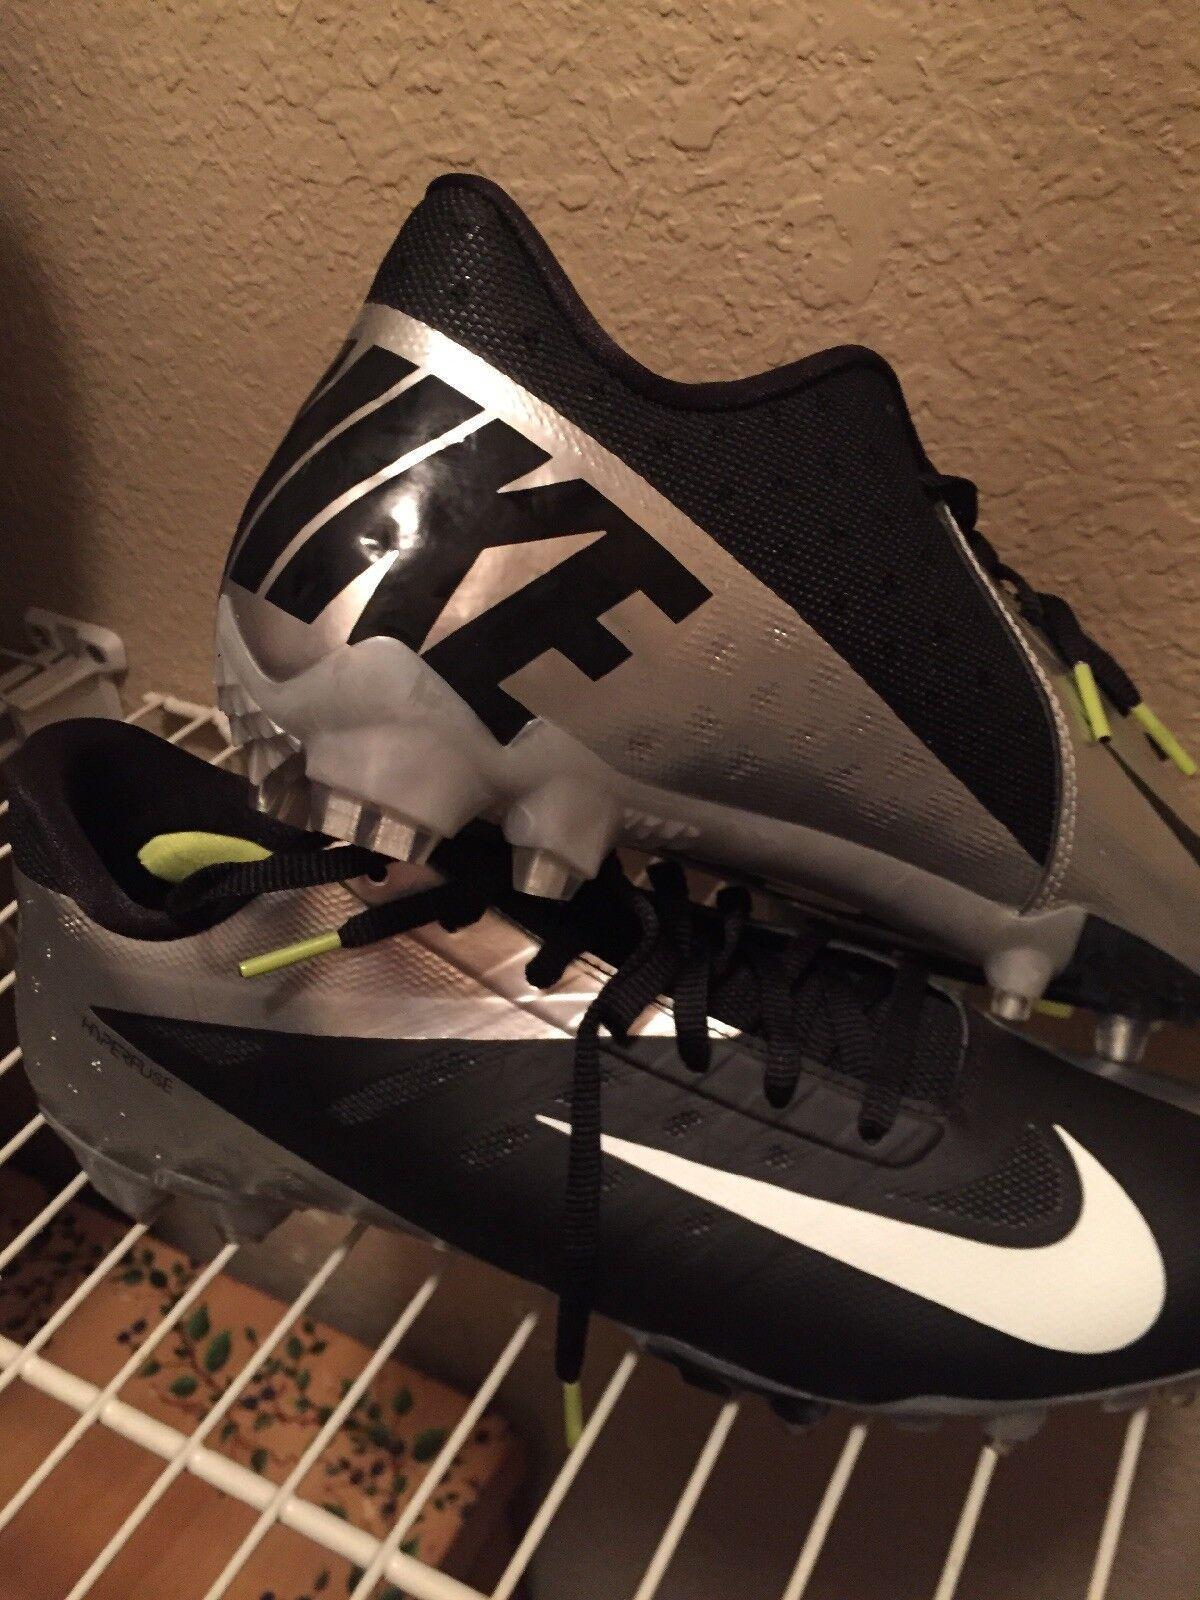 Nike carbon vapor cleats size 11.5